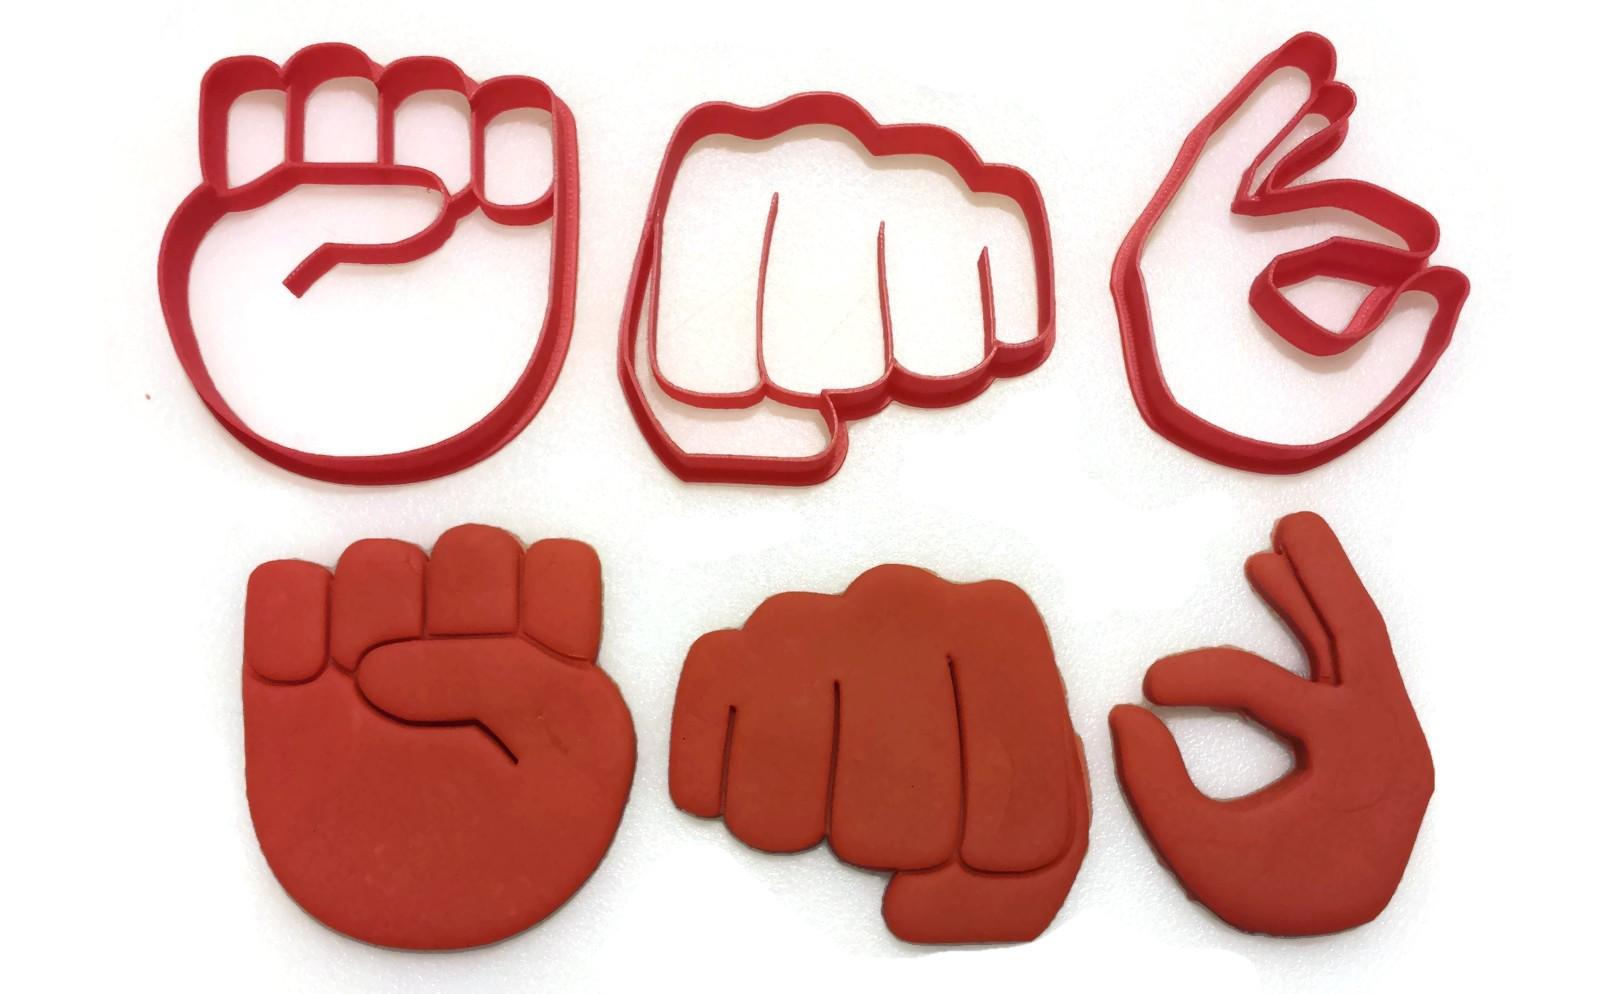 Emoji hand gesture cookie cutter set things4thinkers emoji hand gesture cookie cutter set 1 biocorpaavc